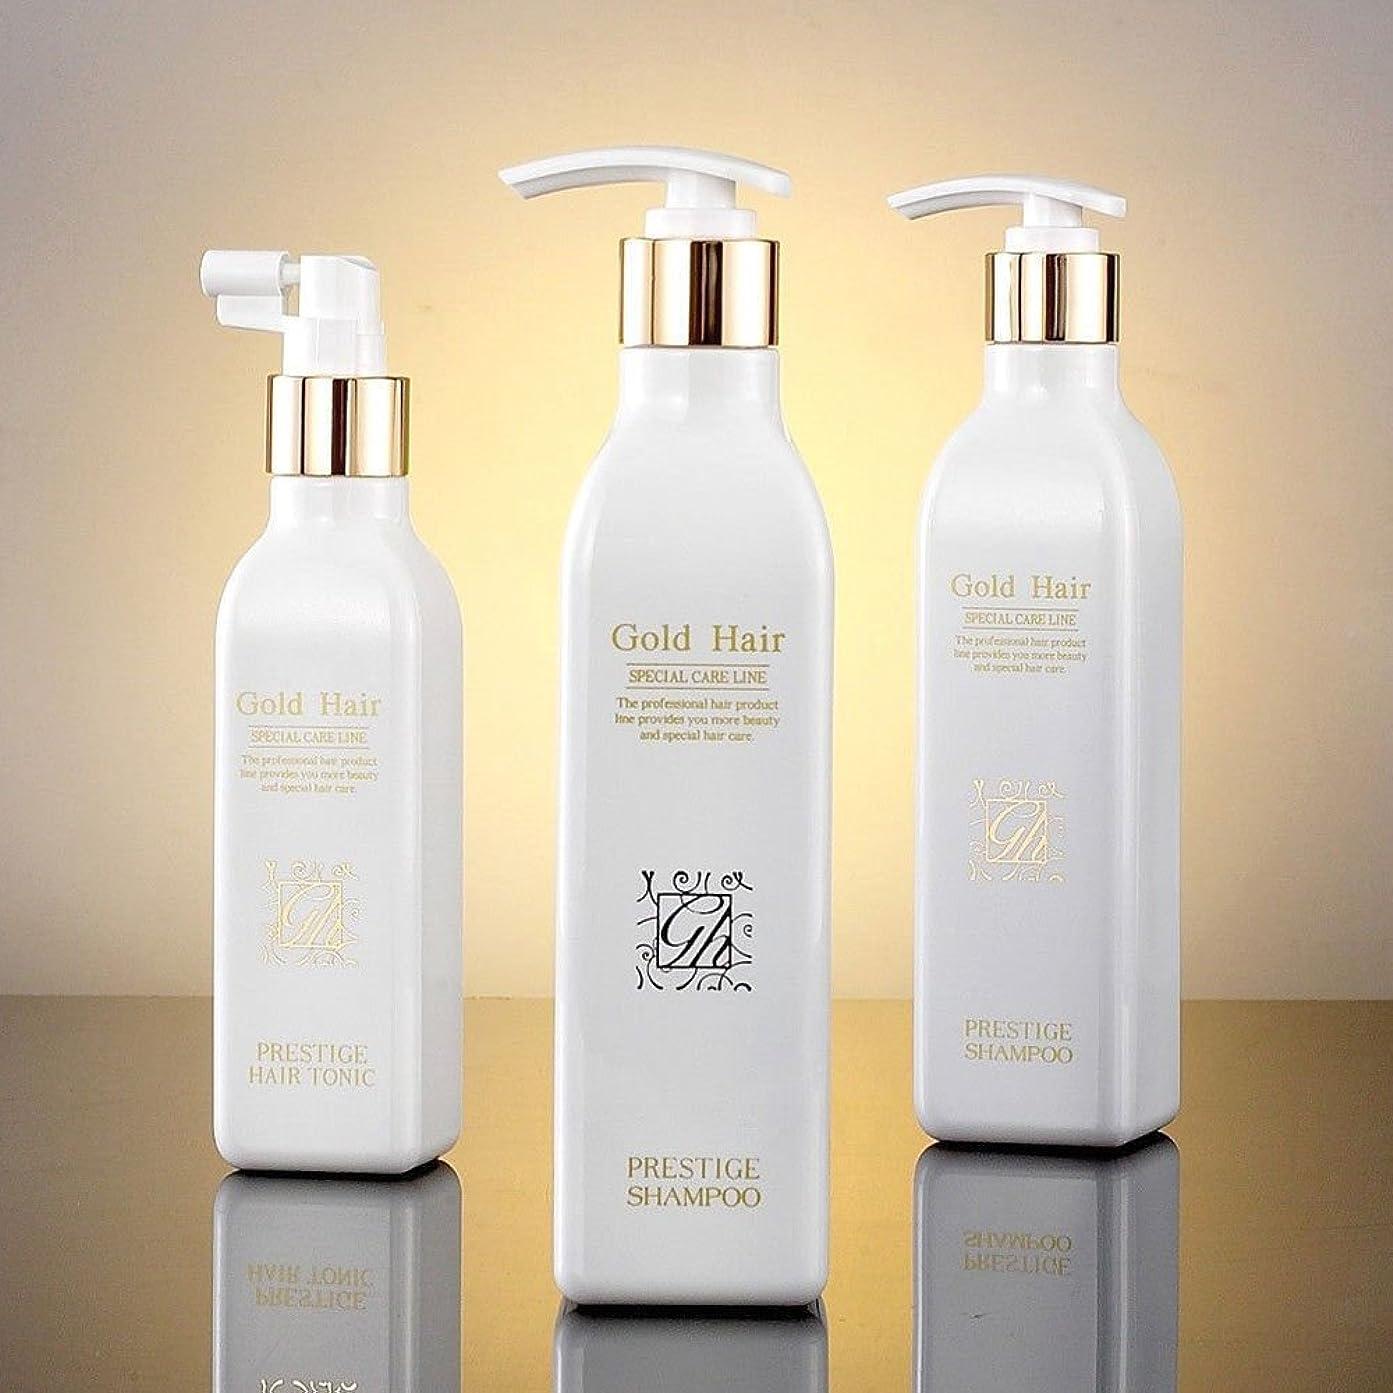 シガレットレパートリーカルシウムゴールドヘア育毛シャンプー2個&トニック1個 漢方シャンプー /Herbal Hair Loss Fast Regrowth Shampoo 100% Natural Patented Set of 3(2 shampoo and 1 tonic)[海外直送品] [並行輸入品]